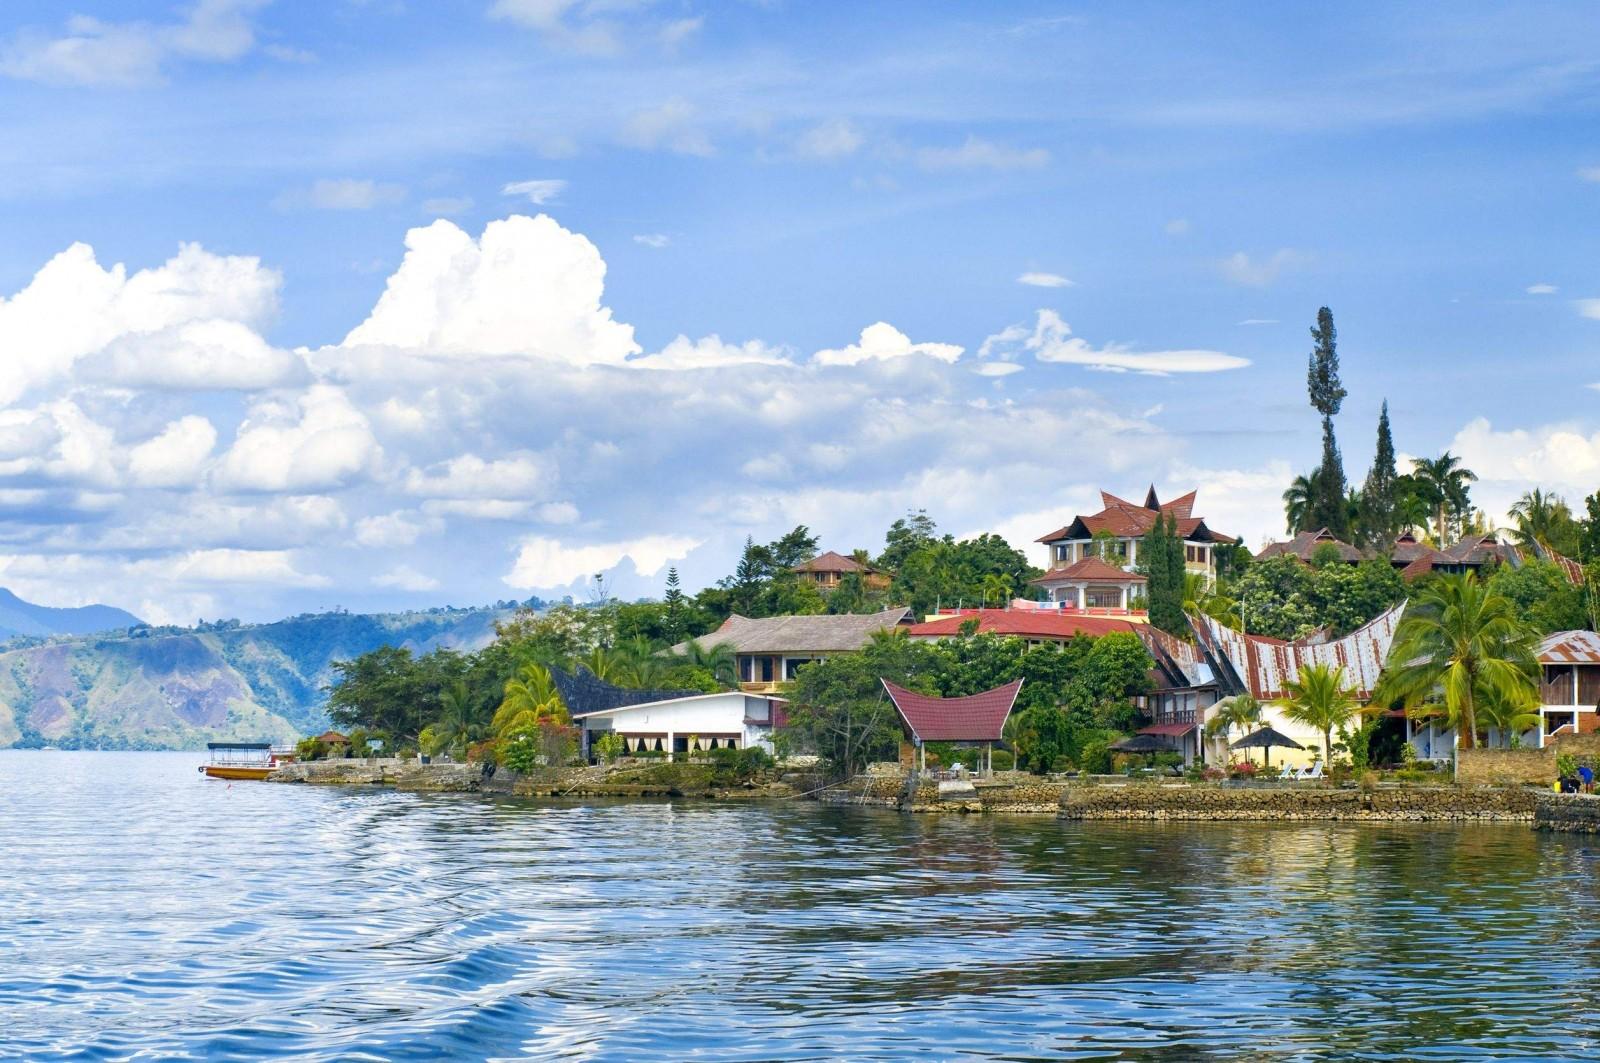 تعرف علي افضل الاماكن السياحية للعائلات باندونيسيا